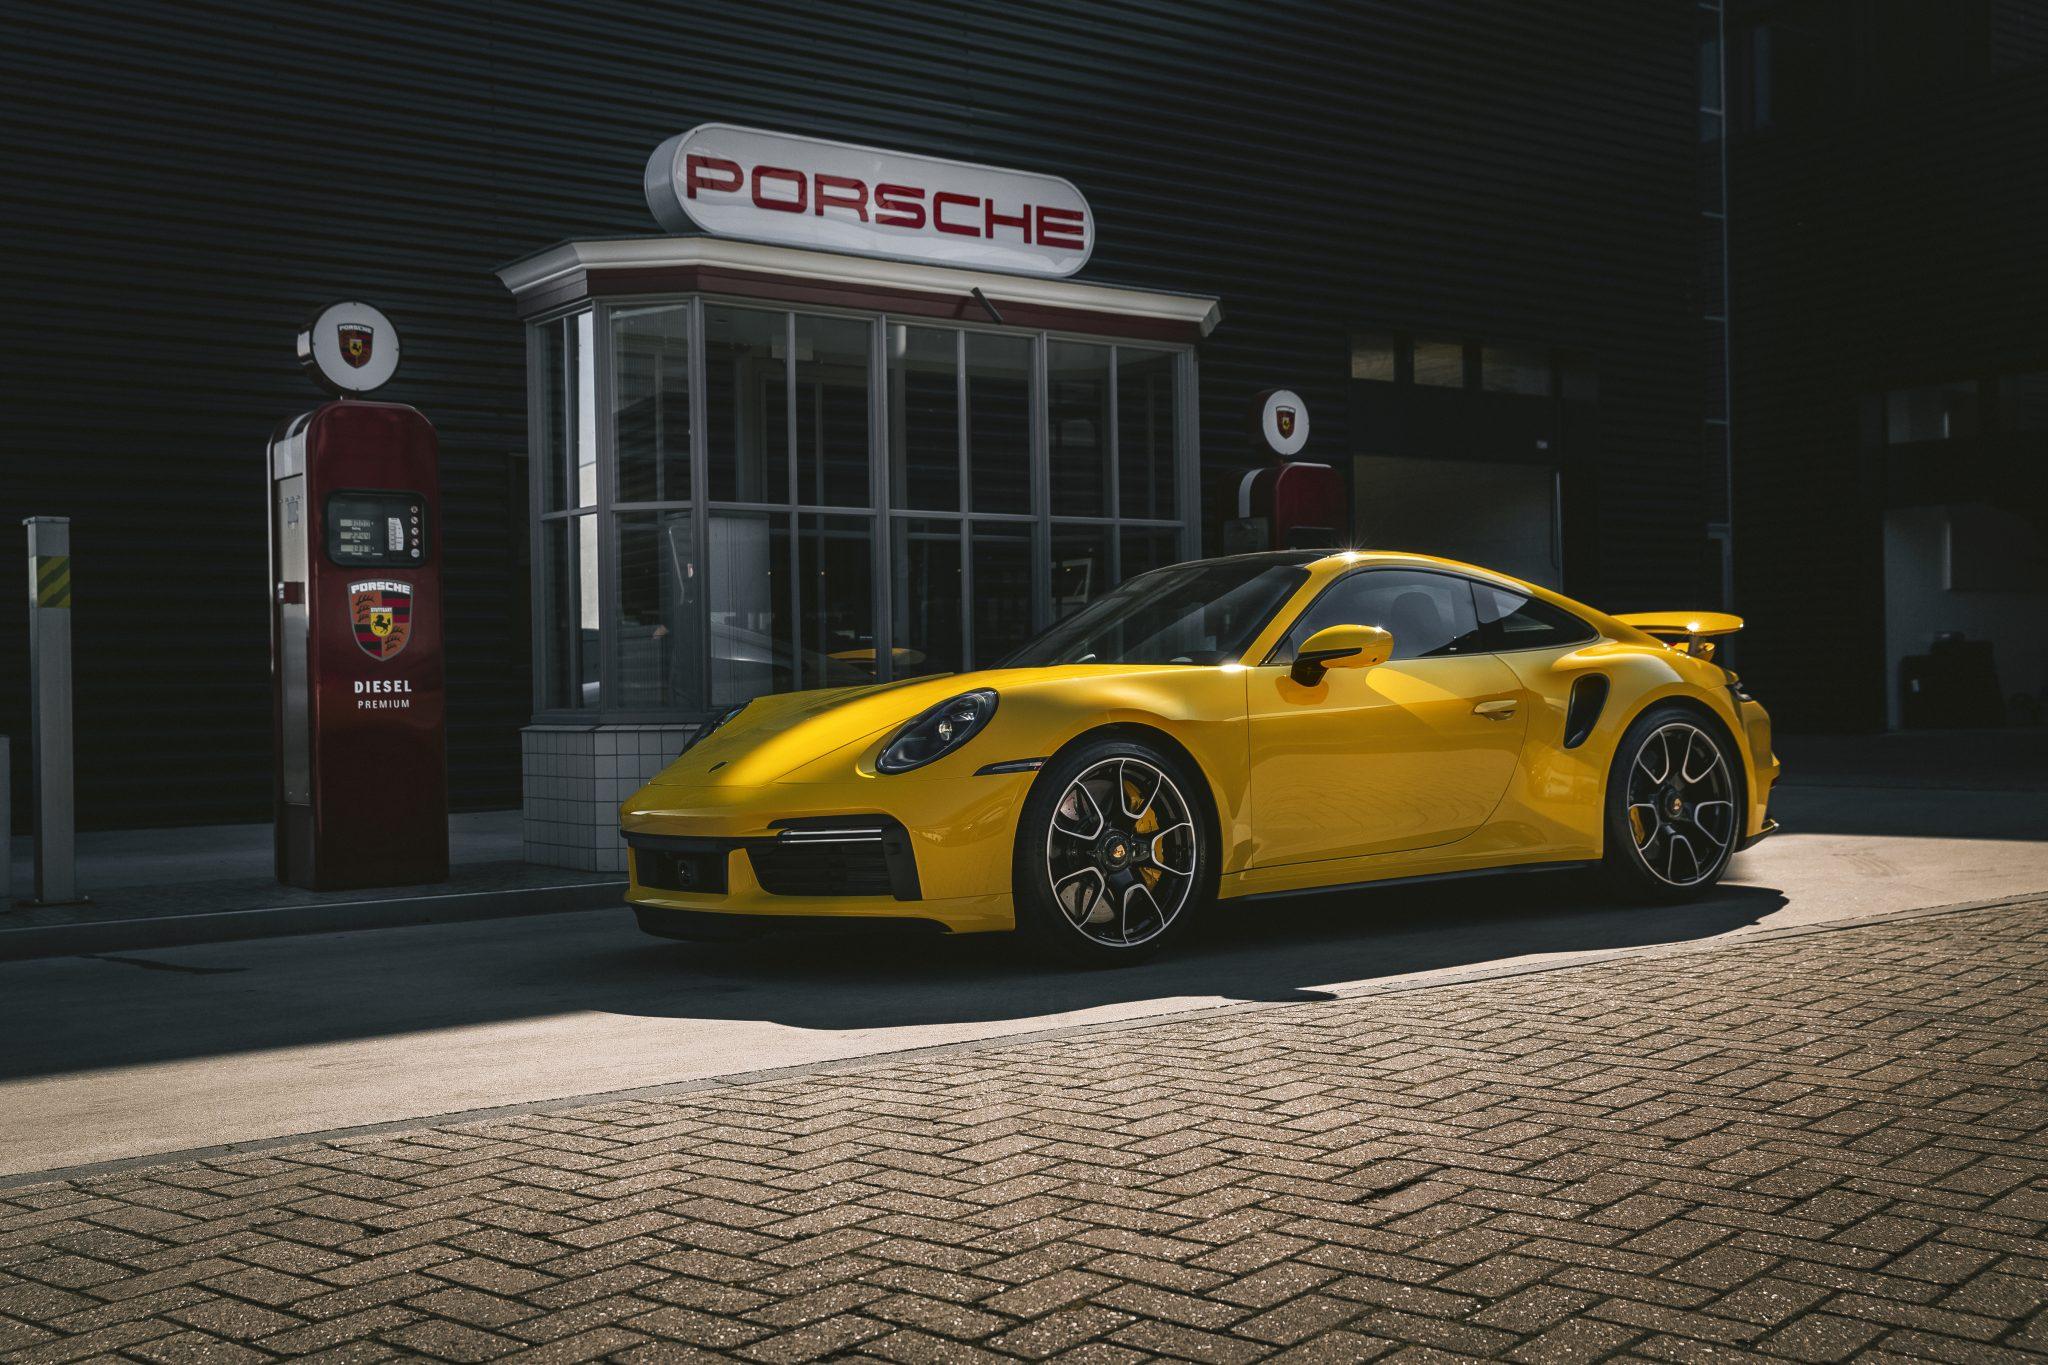 Porsche 911 Turbo S Geel in Nederland